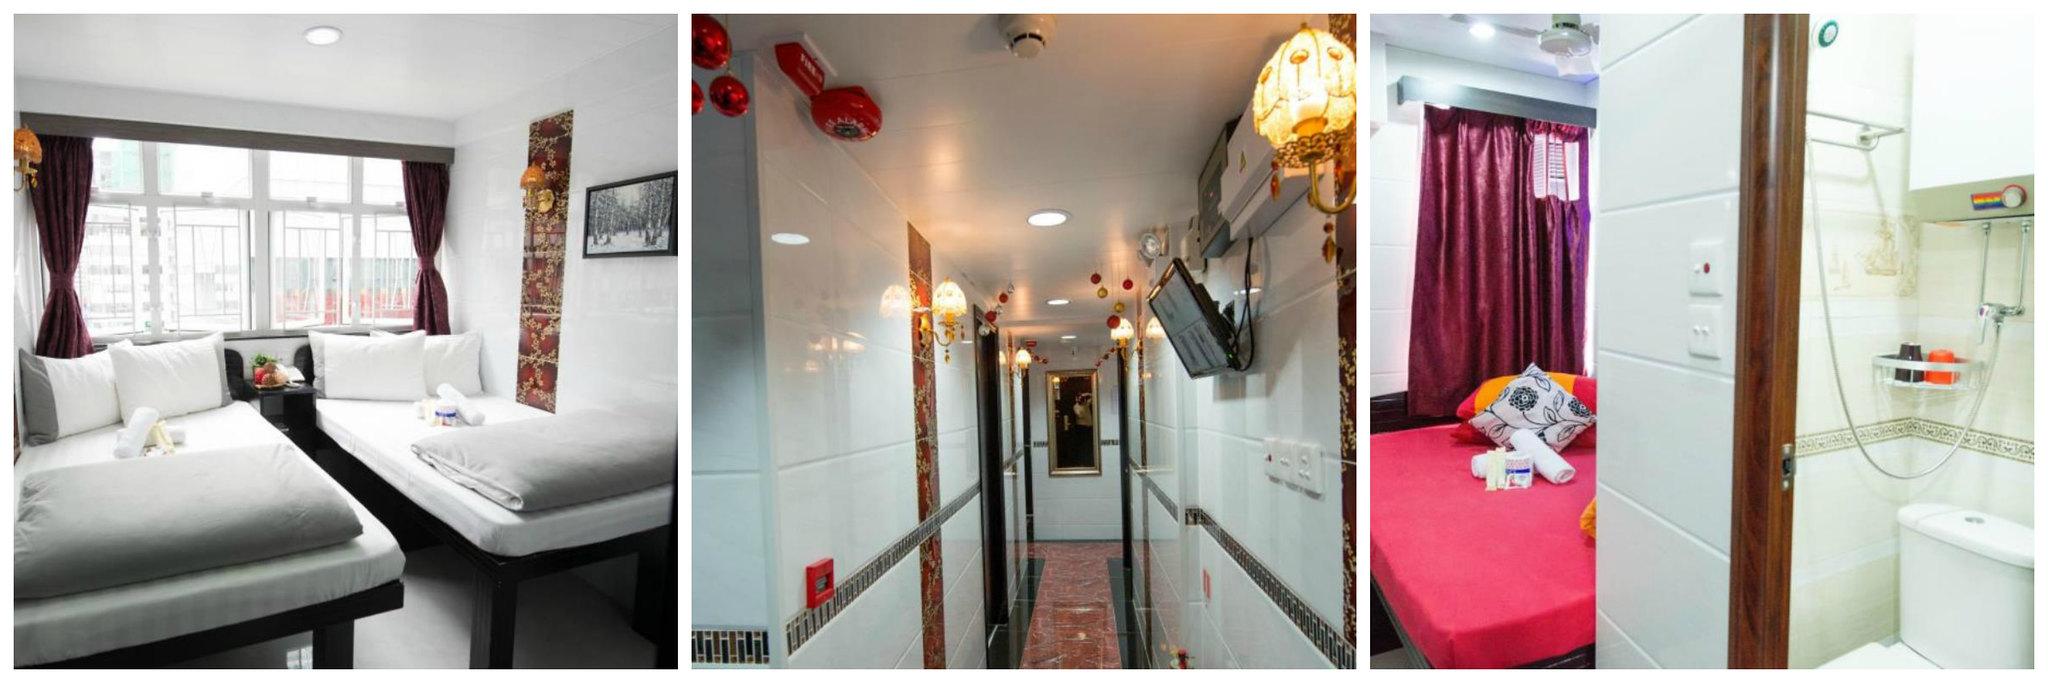 agoda canada hotel